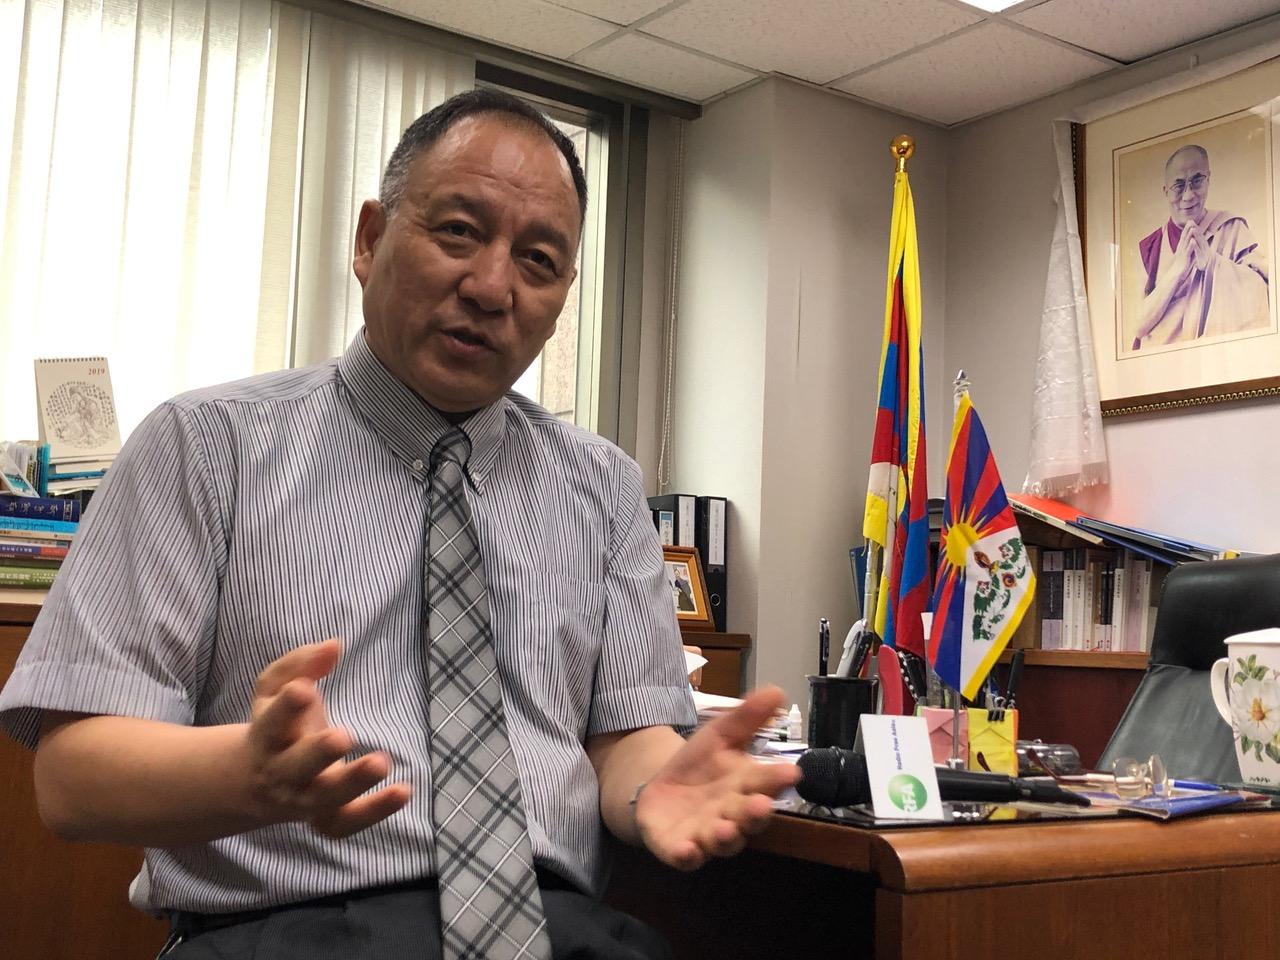 流亡藏人行政中央以及达赖喇嘛驻台代表达瓦才仁受访,评论共产党自办活佛转世培训班的荒谬。(记者夏小华摄)